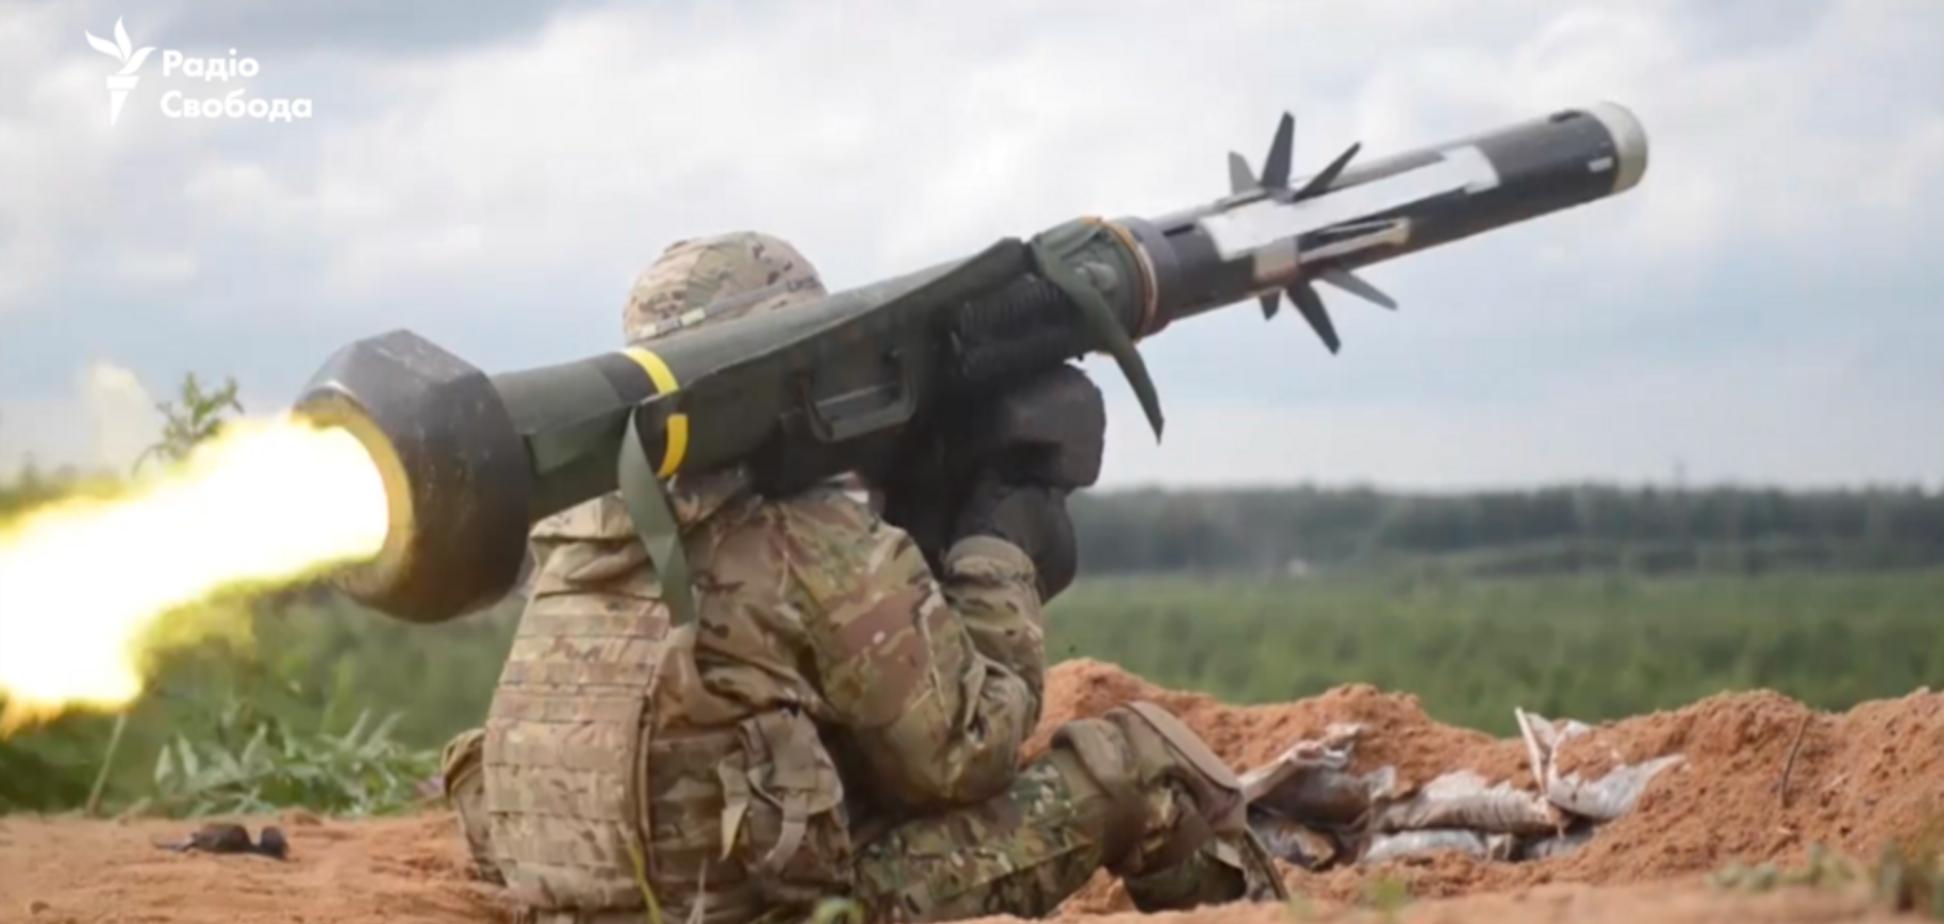 Не только Javelin: Порошенко раскрыл подробности передачи Украине летального оружия